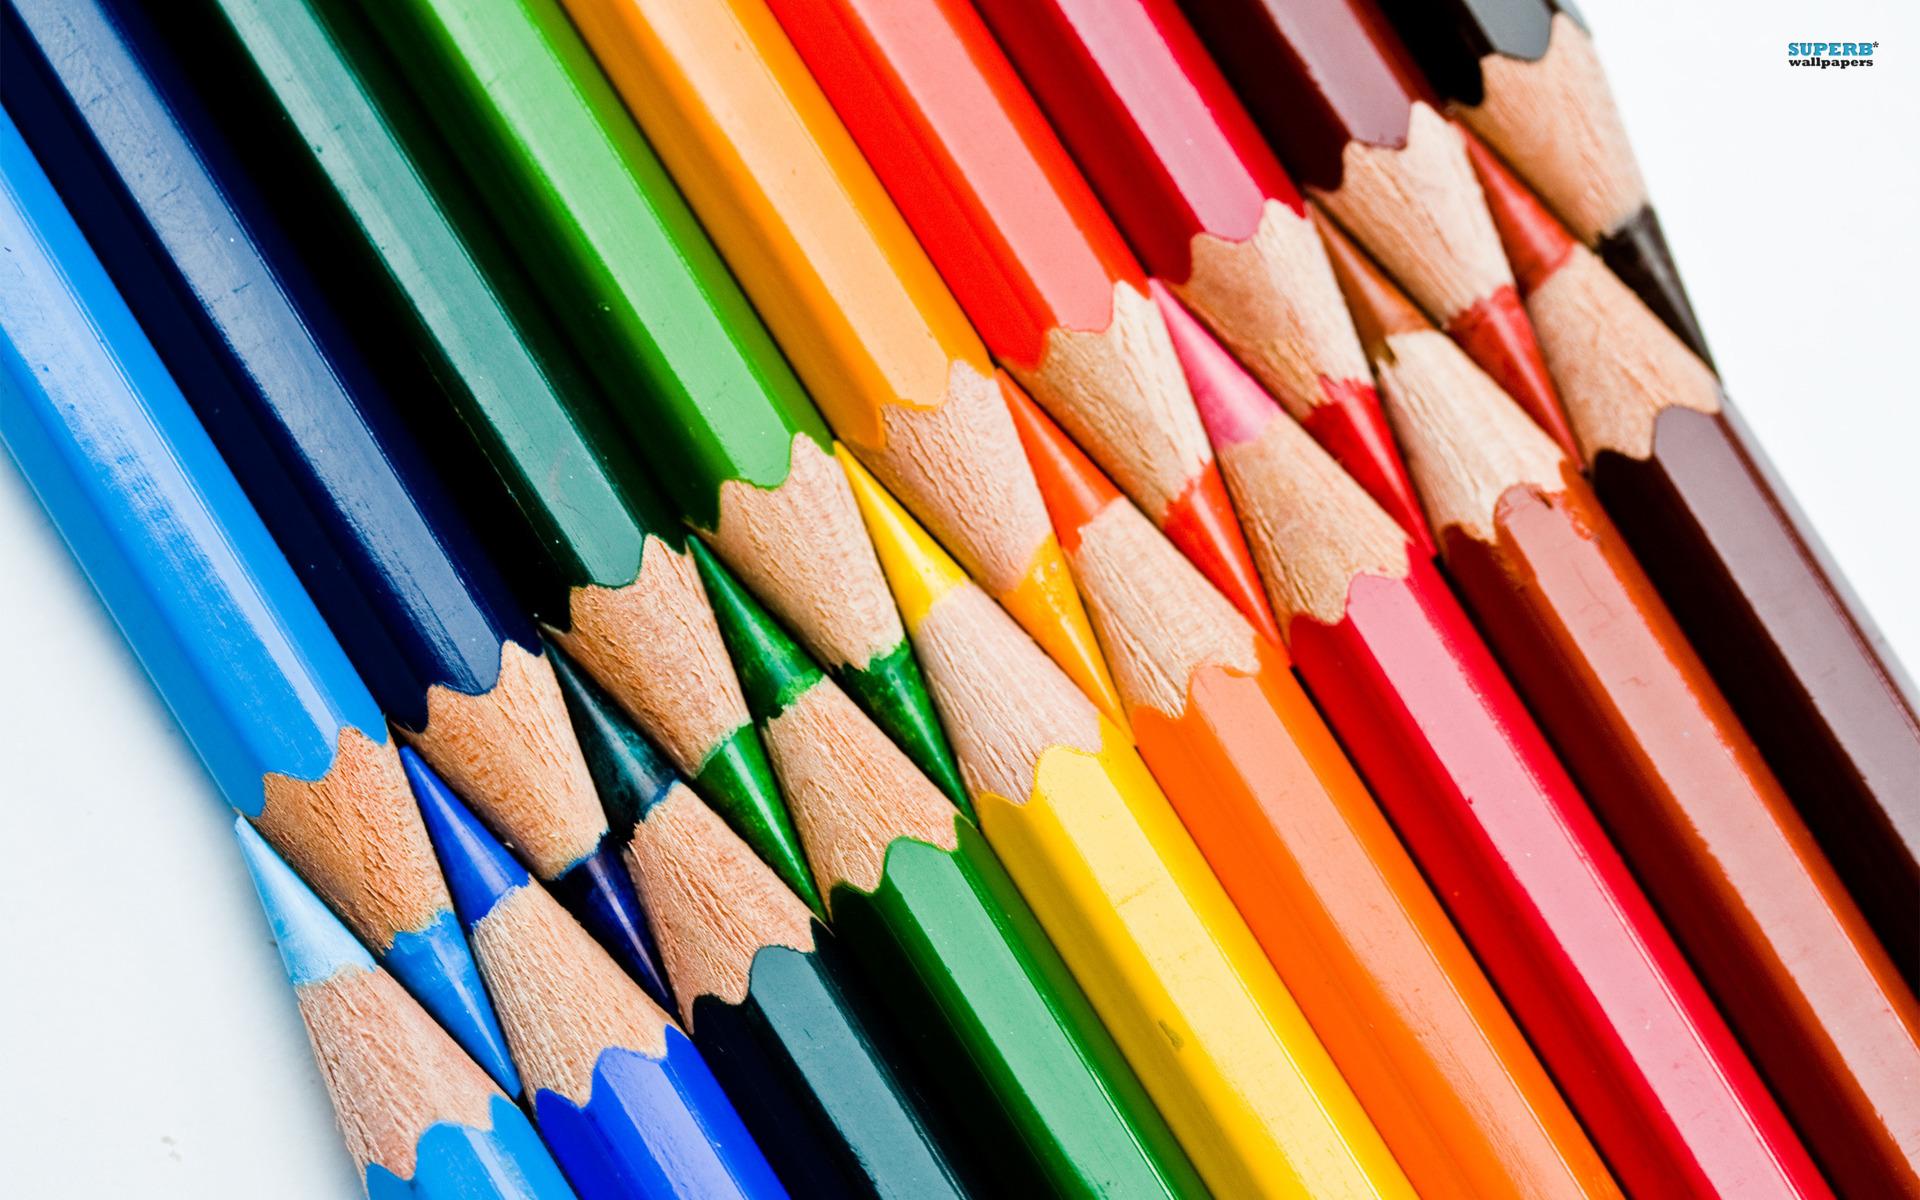 Colored pencils wallpaper 1920x1200